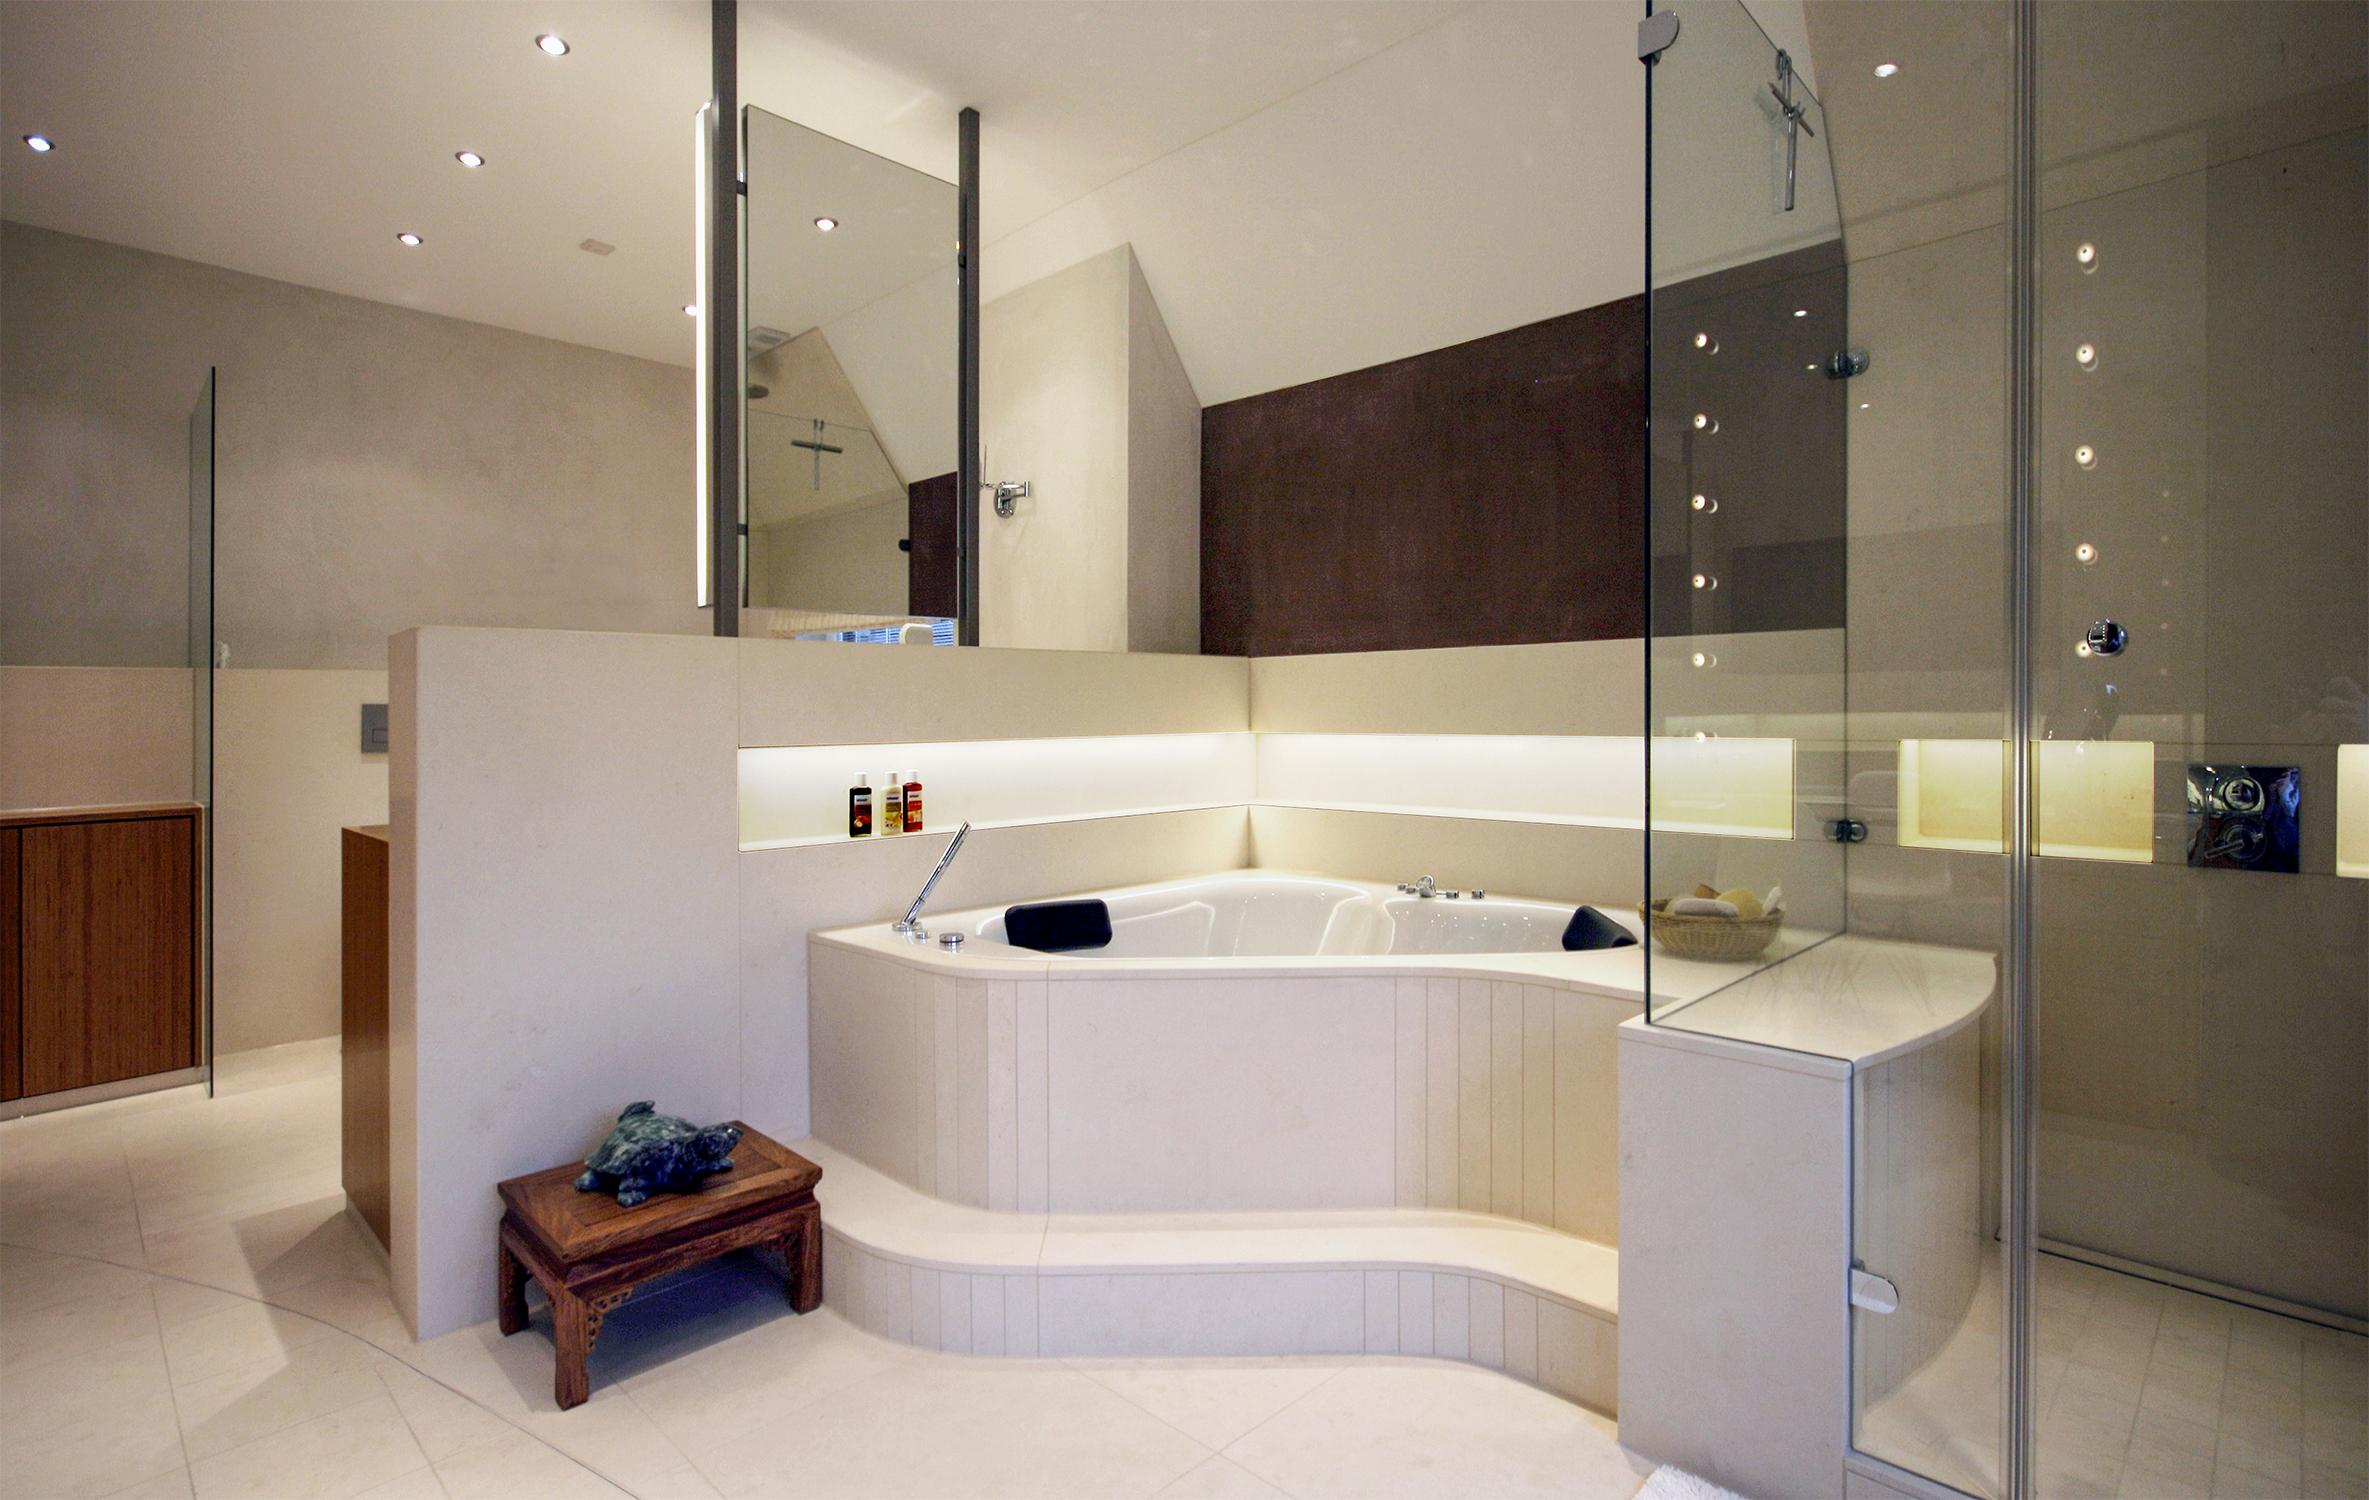 Ablage Für Badezimmer, whirpool #bad #ablage #badezimmer #dusche #badsanier, Design ideen